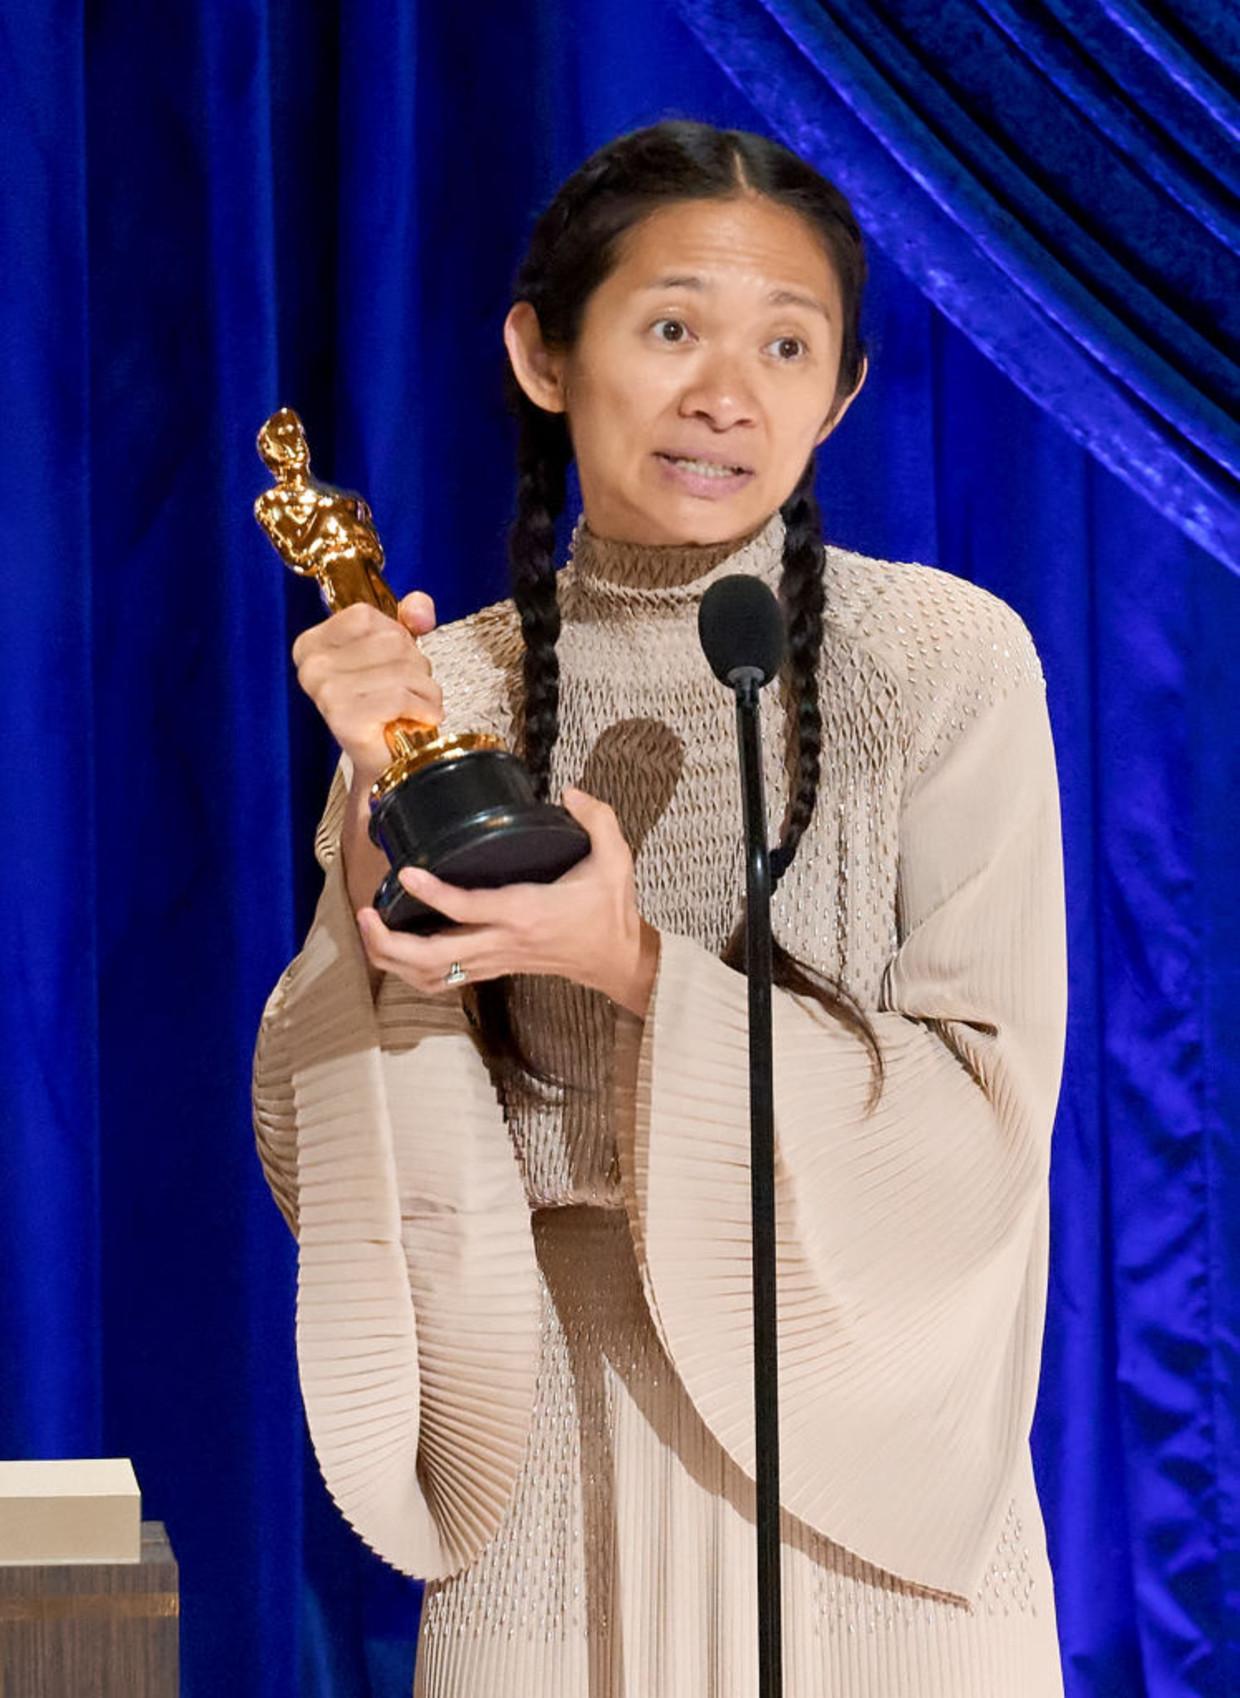 Regisseur Chloé Zhao won de Oscar voor beste regie en voor beste film.  Beeld A.M.P.A.S. via Getty Images